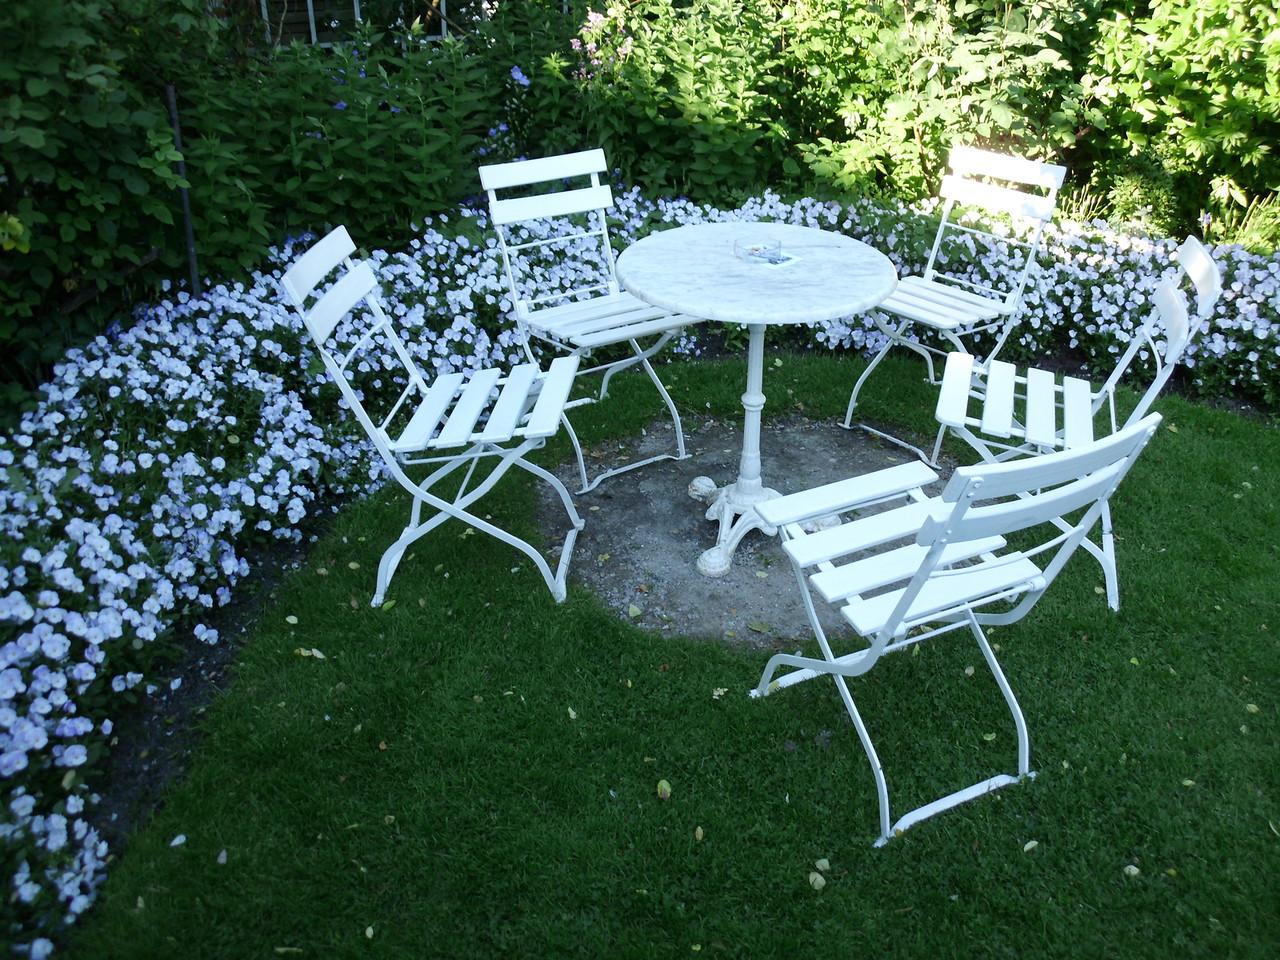 Gartensitzmöglichkeiten